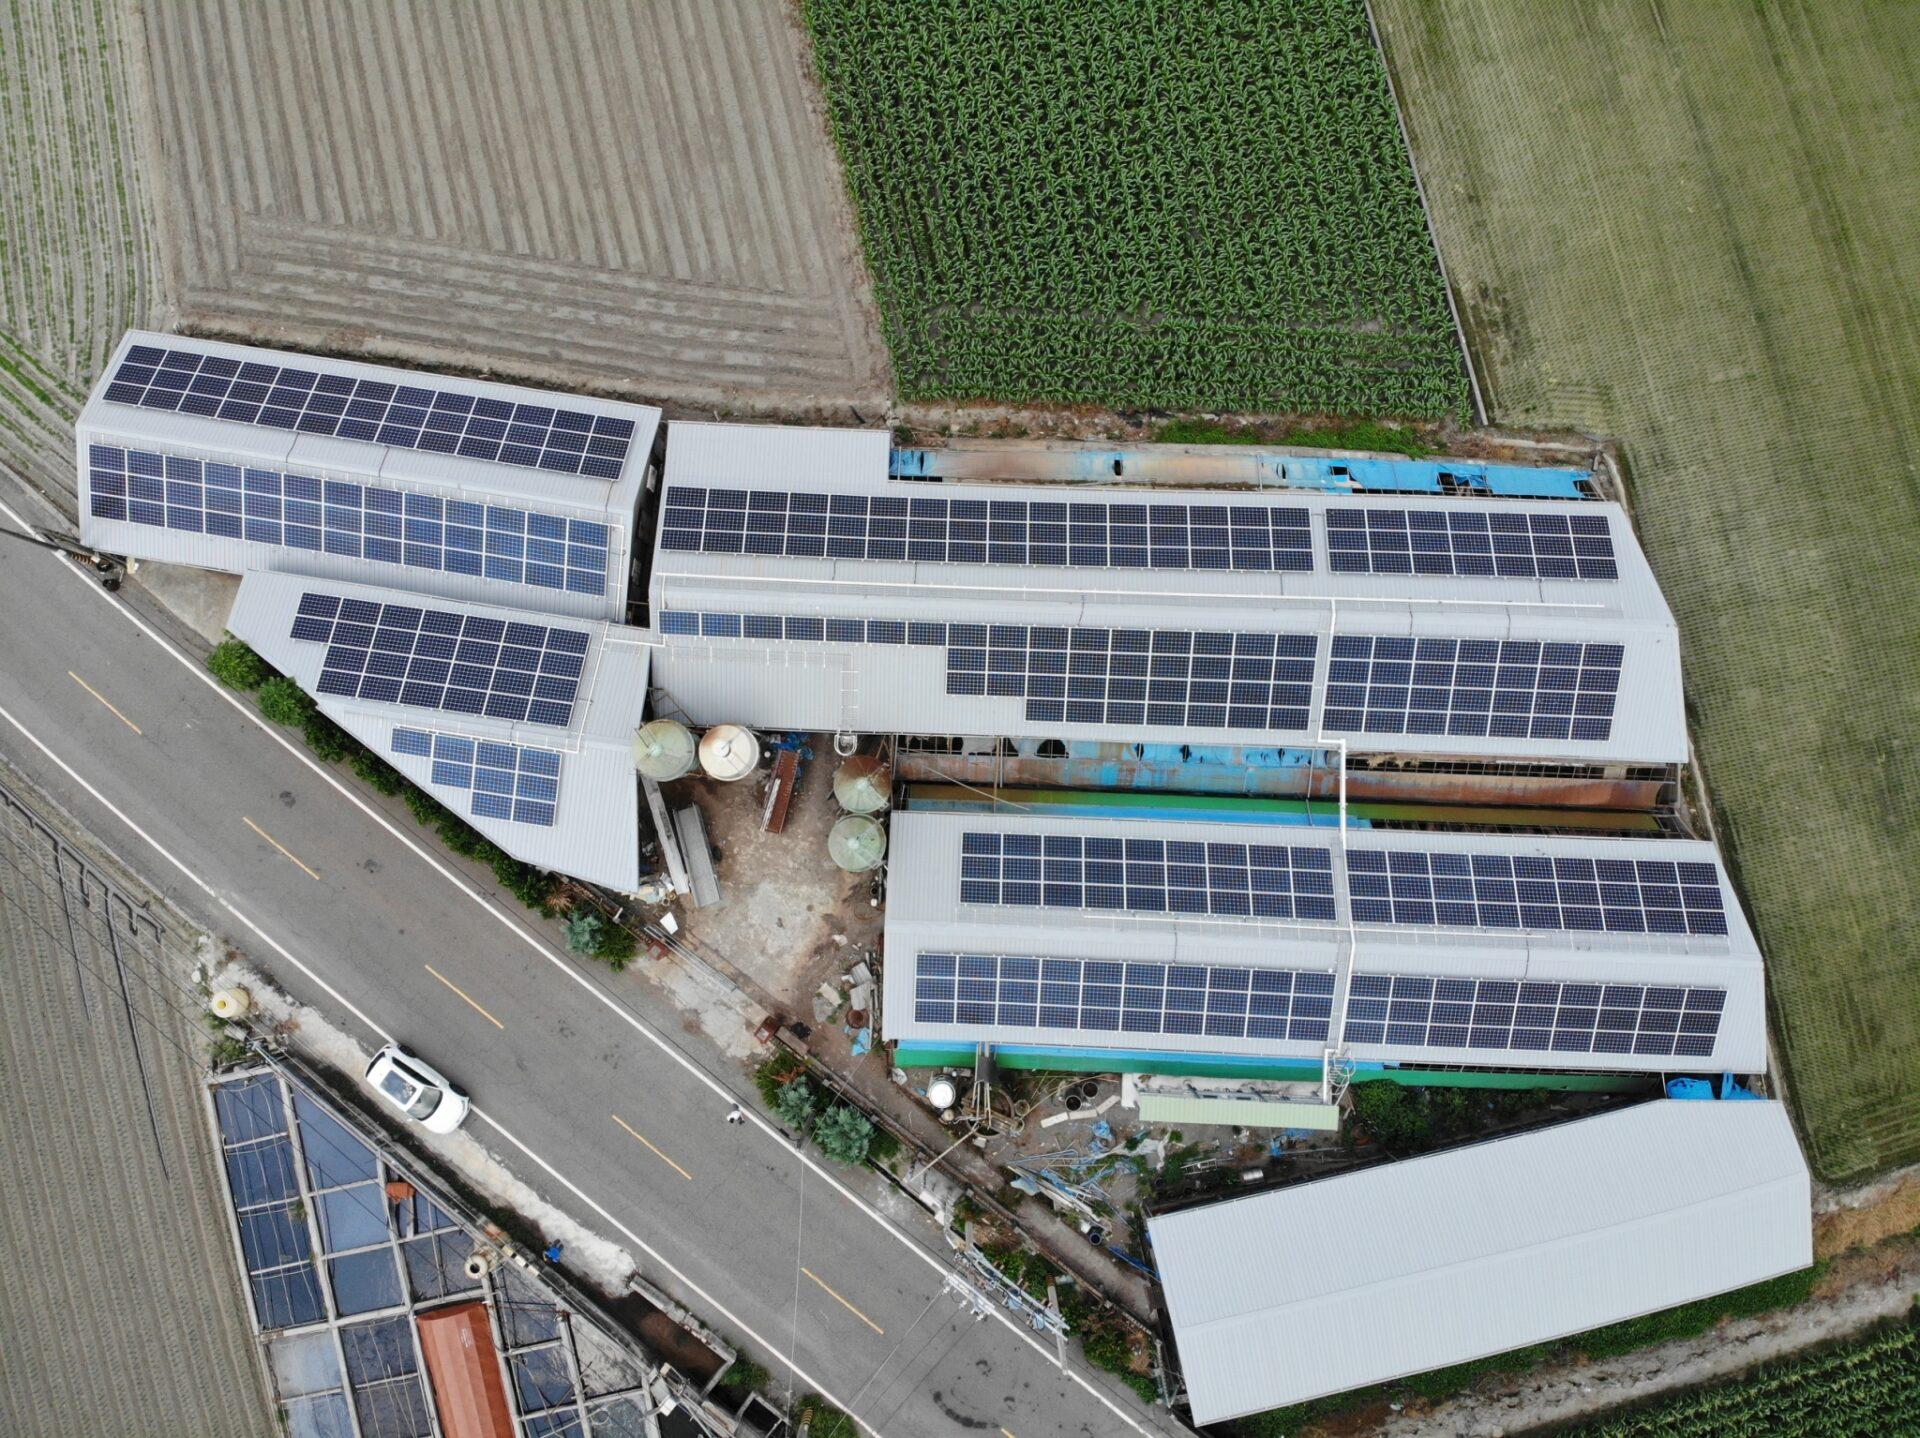 太陽能發電|太陽能板安裝|雲林縣土庫鎮廠房115.84KW